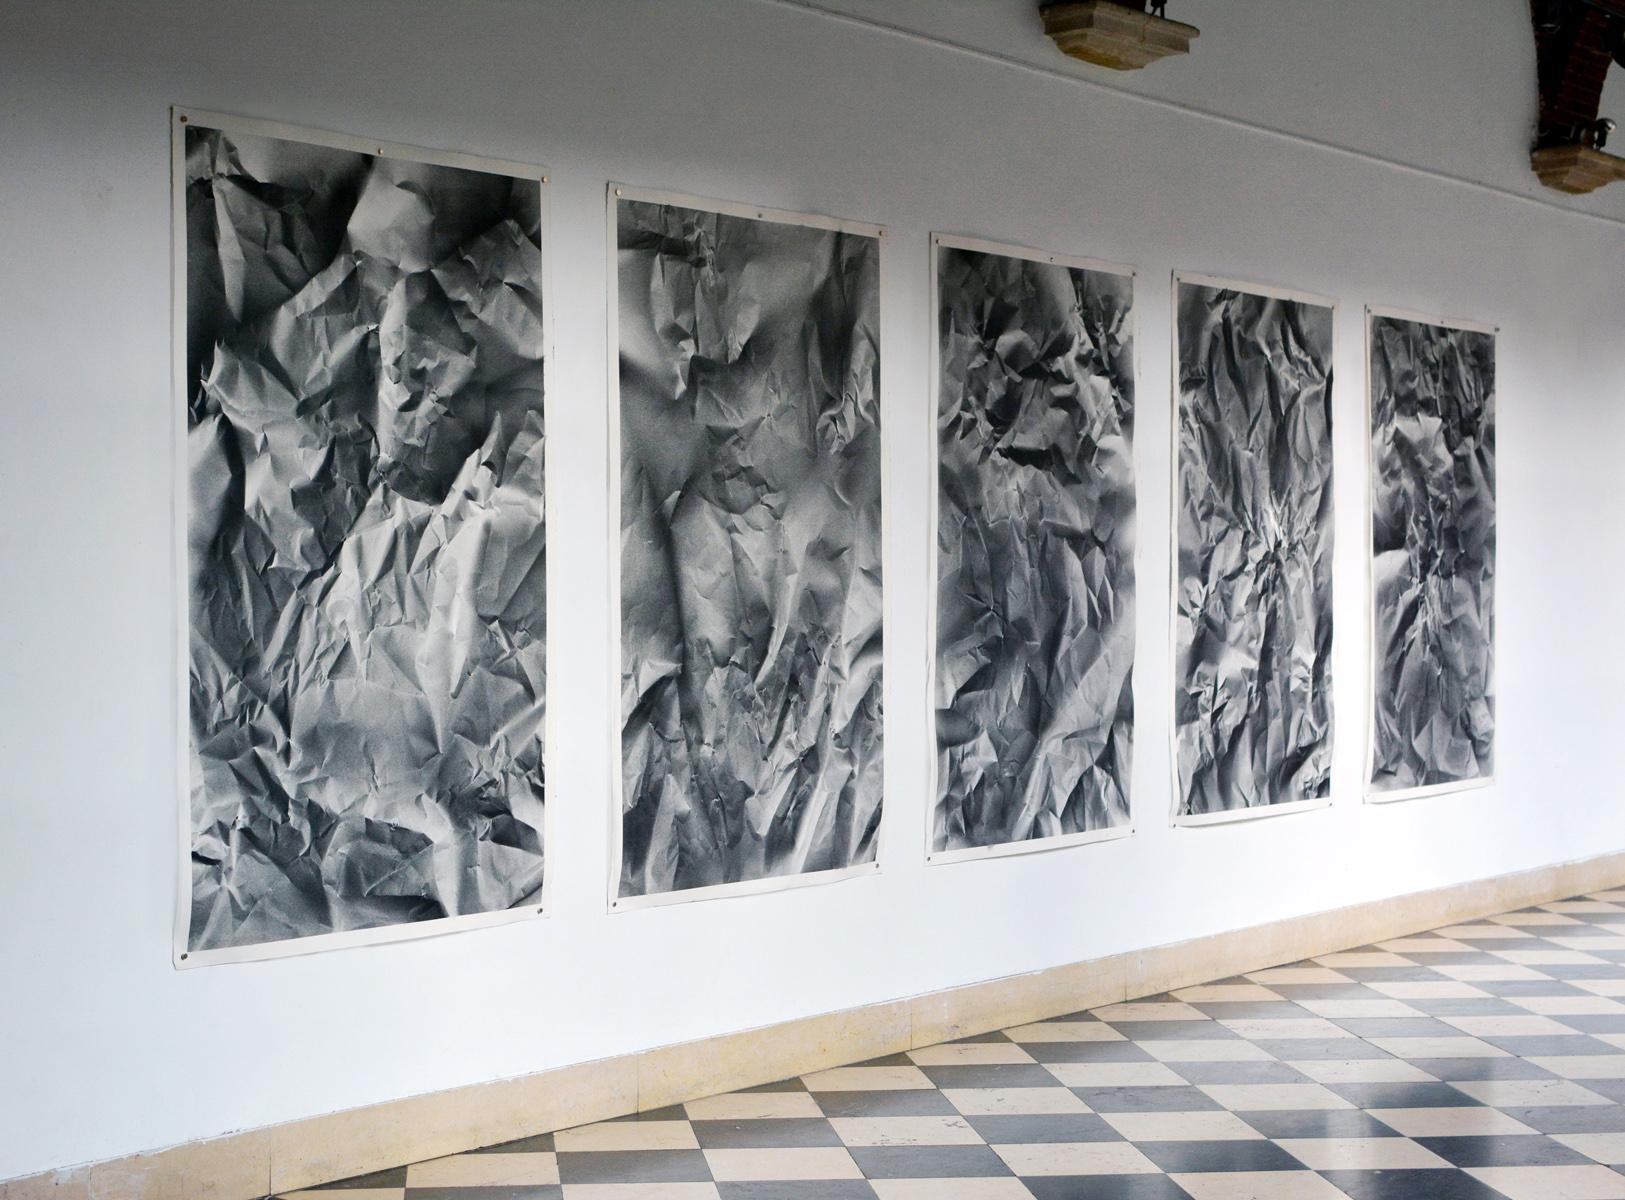 Benjamin Ottoz_ Double V Gallery_(6) Serendipity PF N2 15  Peinture acrylique, 5 papiers Arches 185gm², 115x180cm, 2015. Collection particulière Bruxelles.jpg